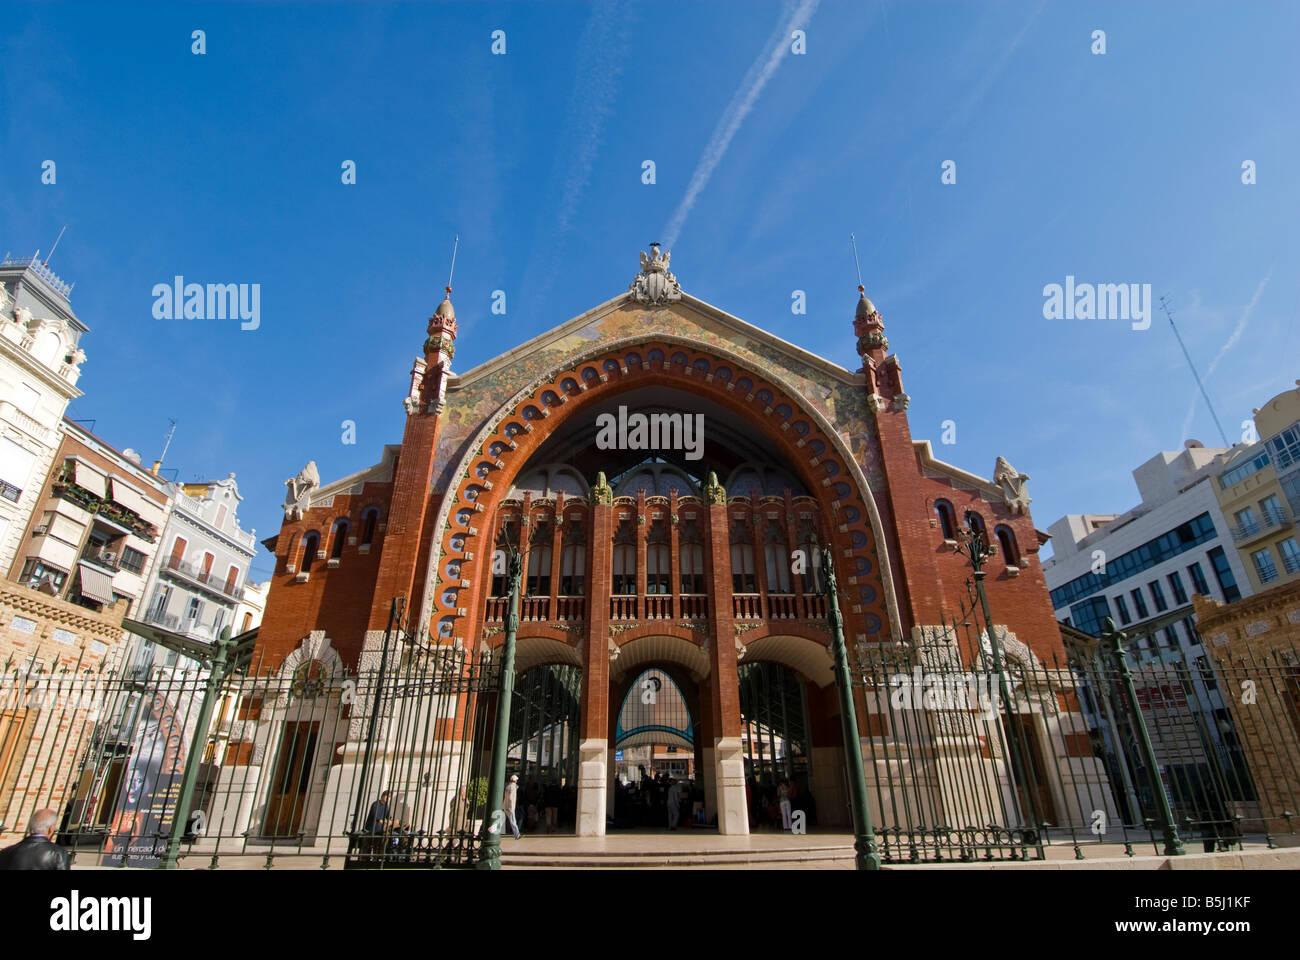 The former market hall Mercado de Colón in the city of Valencia Spain - Stock Image